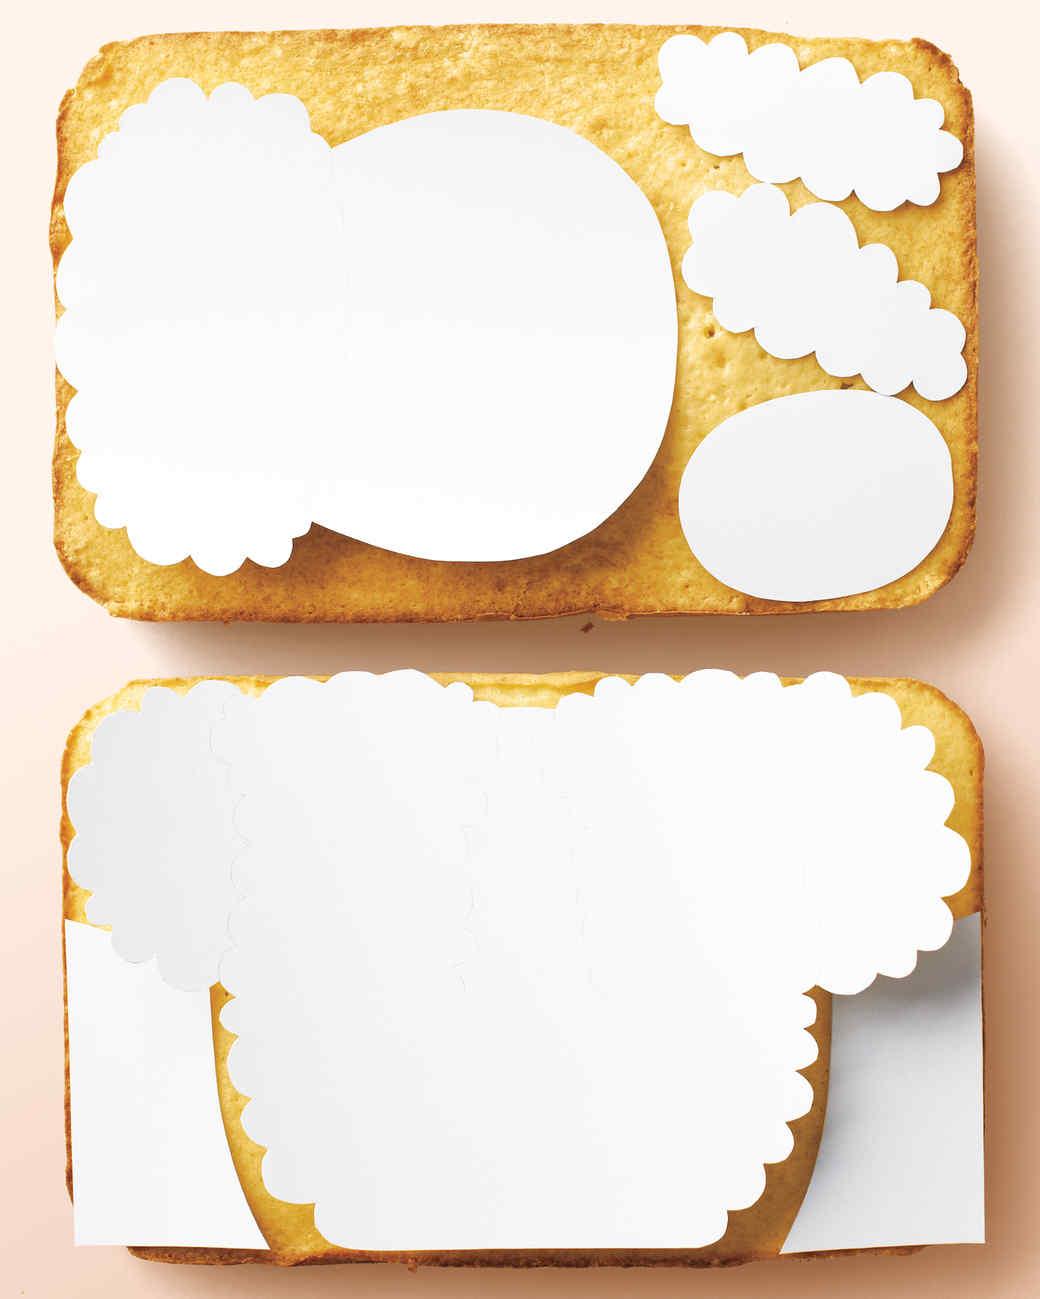 sheet-cake-dog-1-mld108427.jpg